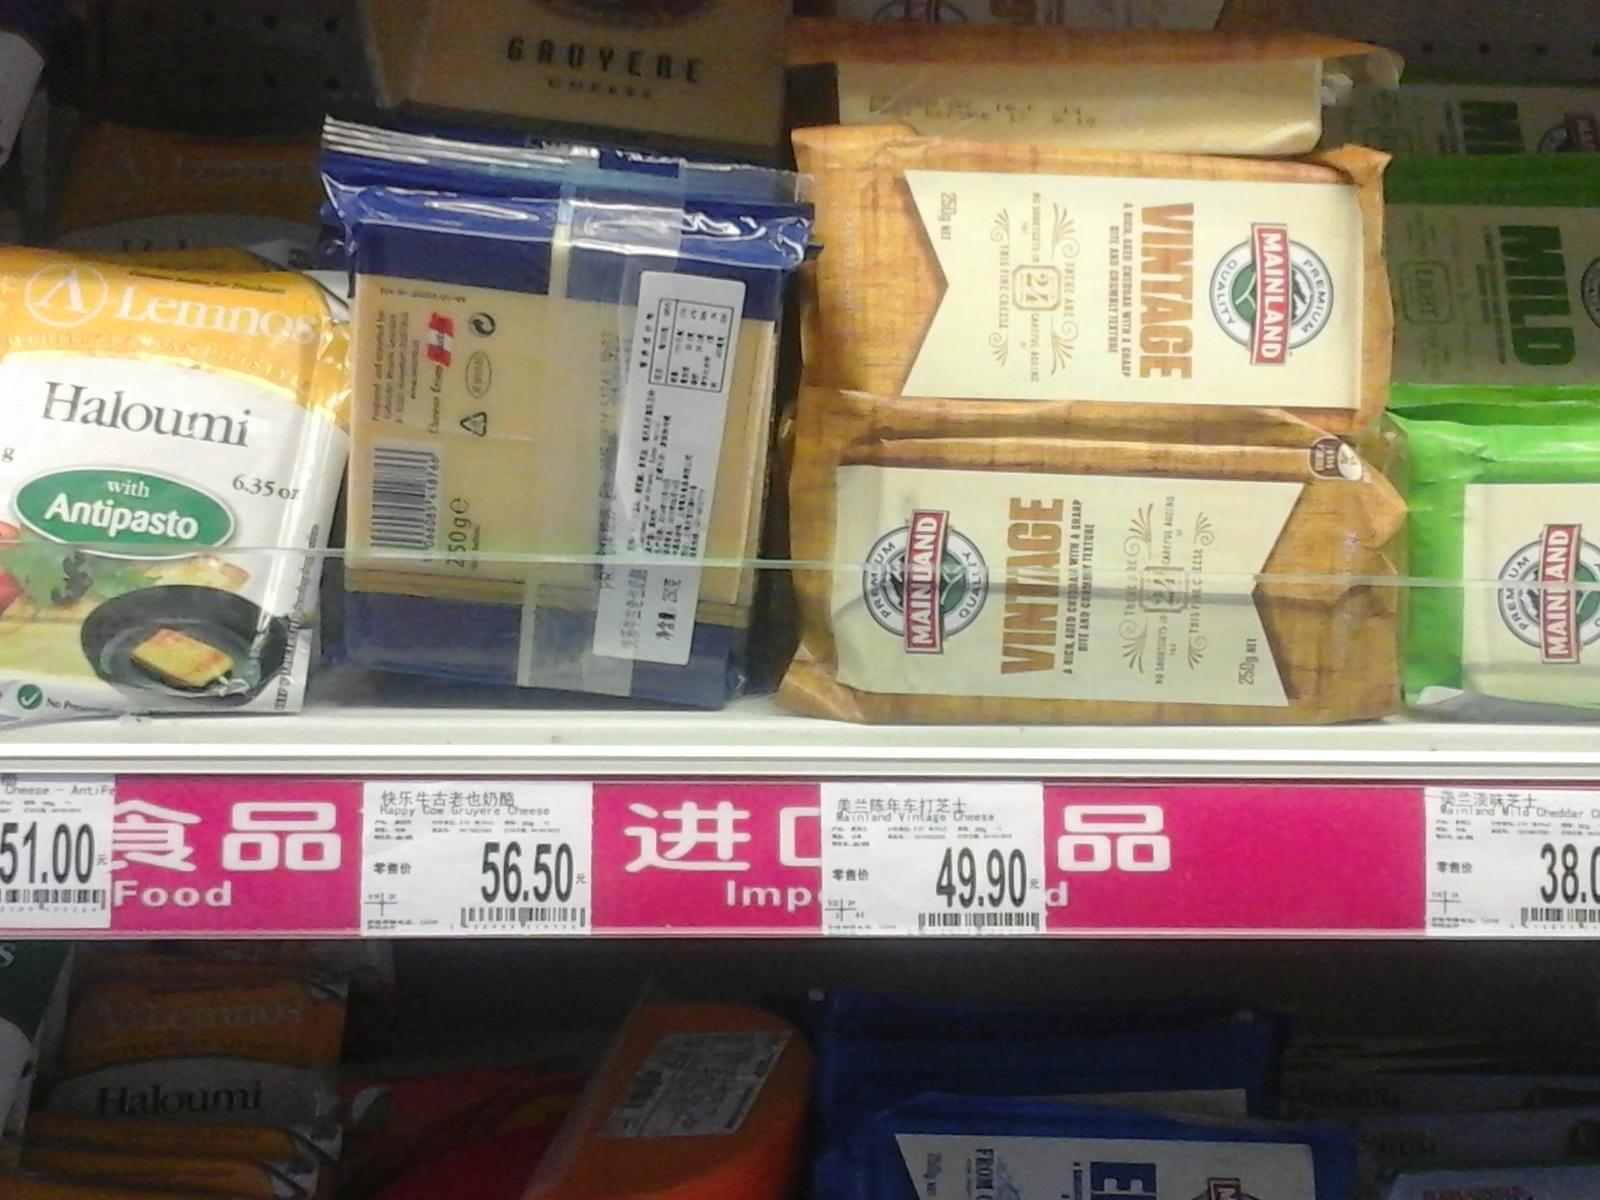 Az itteni hipermarketek kínálatához igen közel álló tejespult egy Shanghai-i  Carrefour hipermarketben.